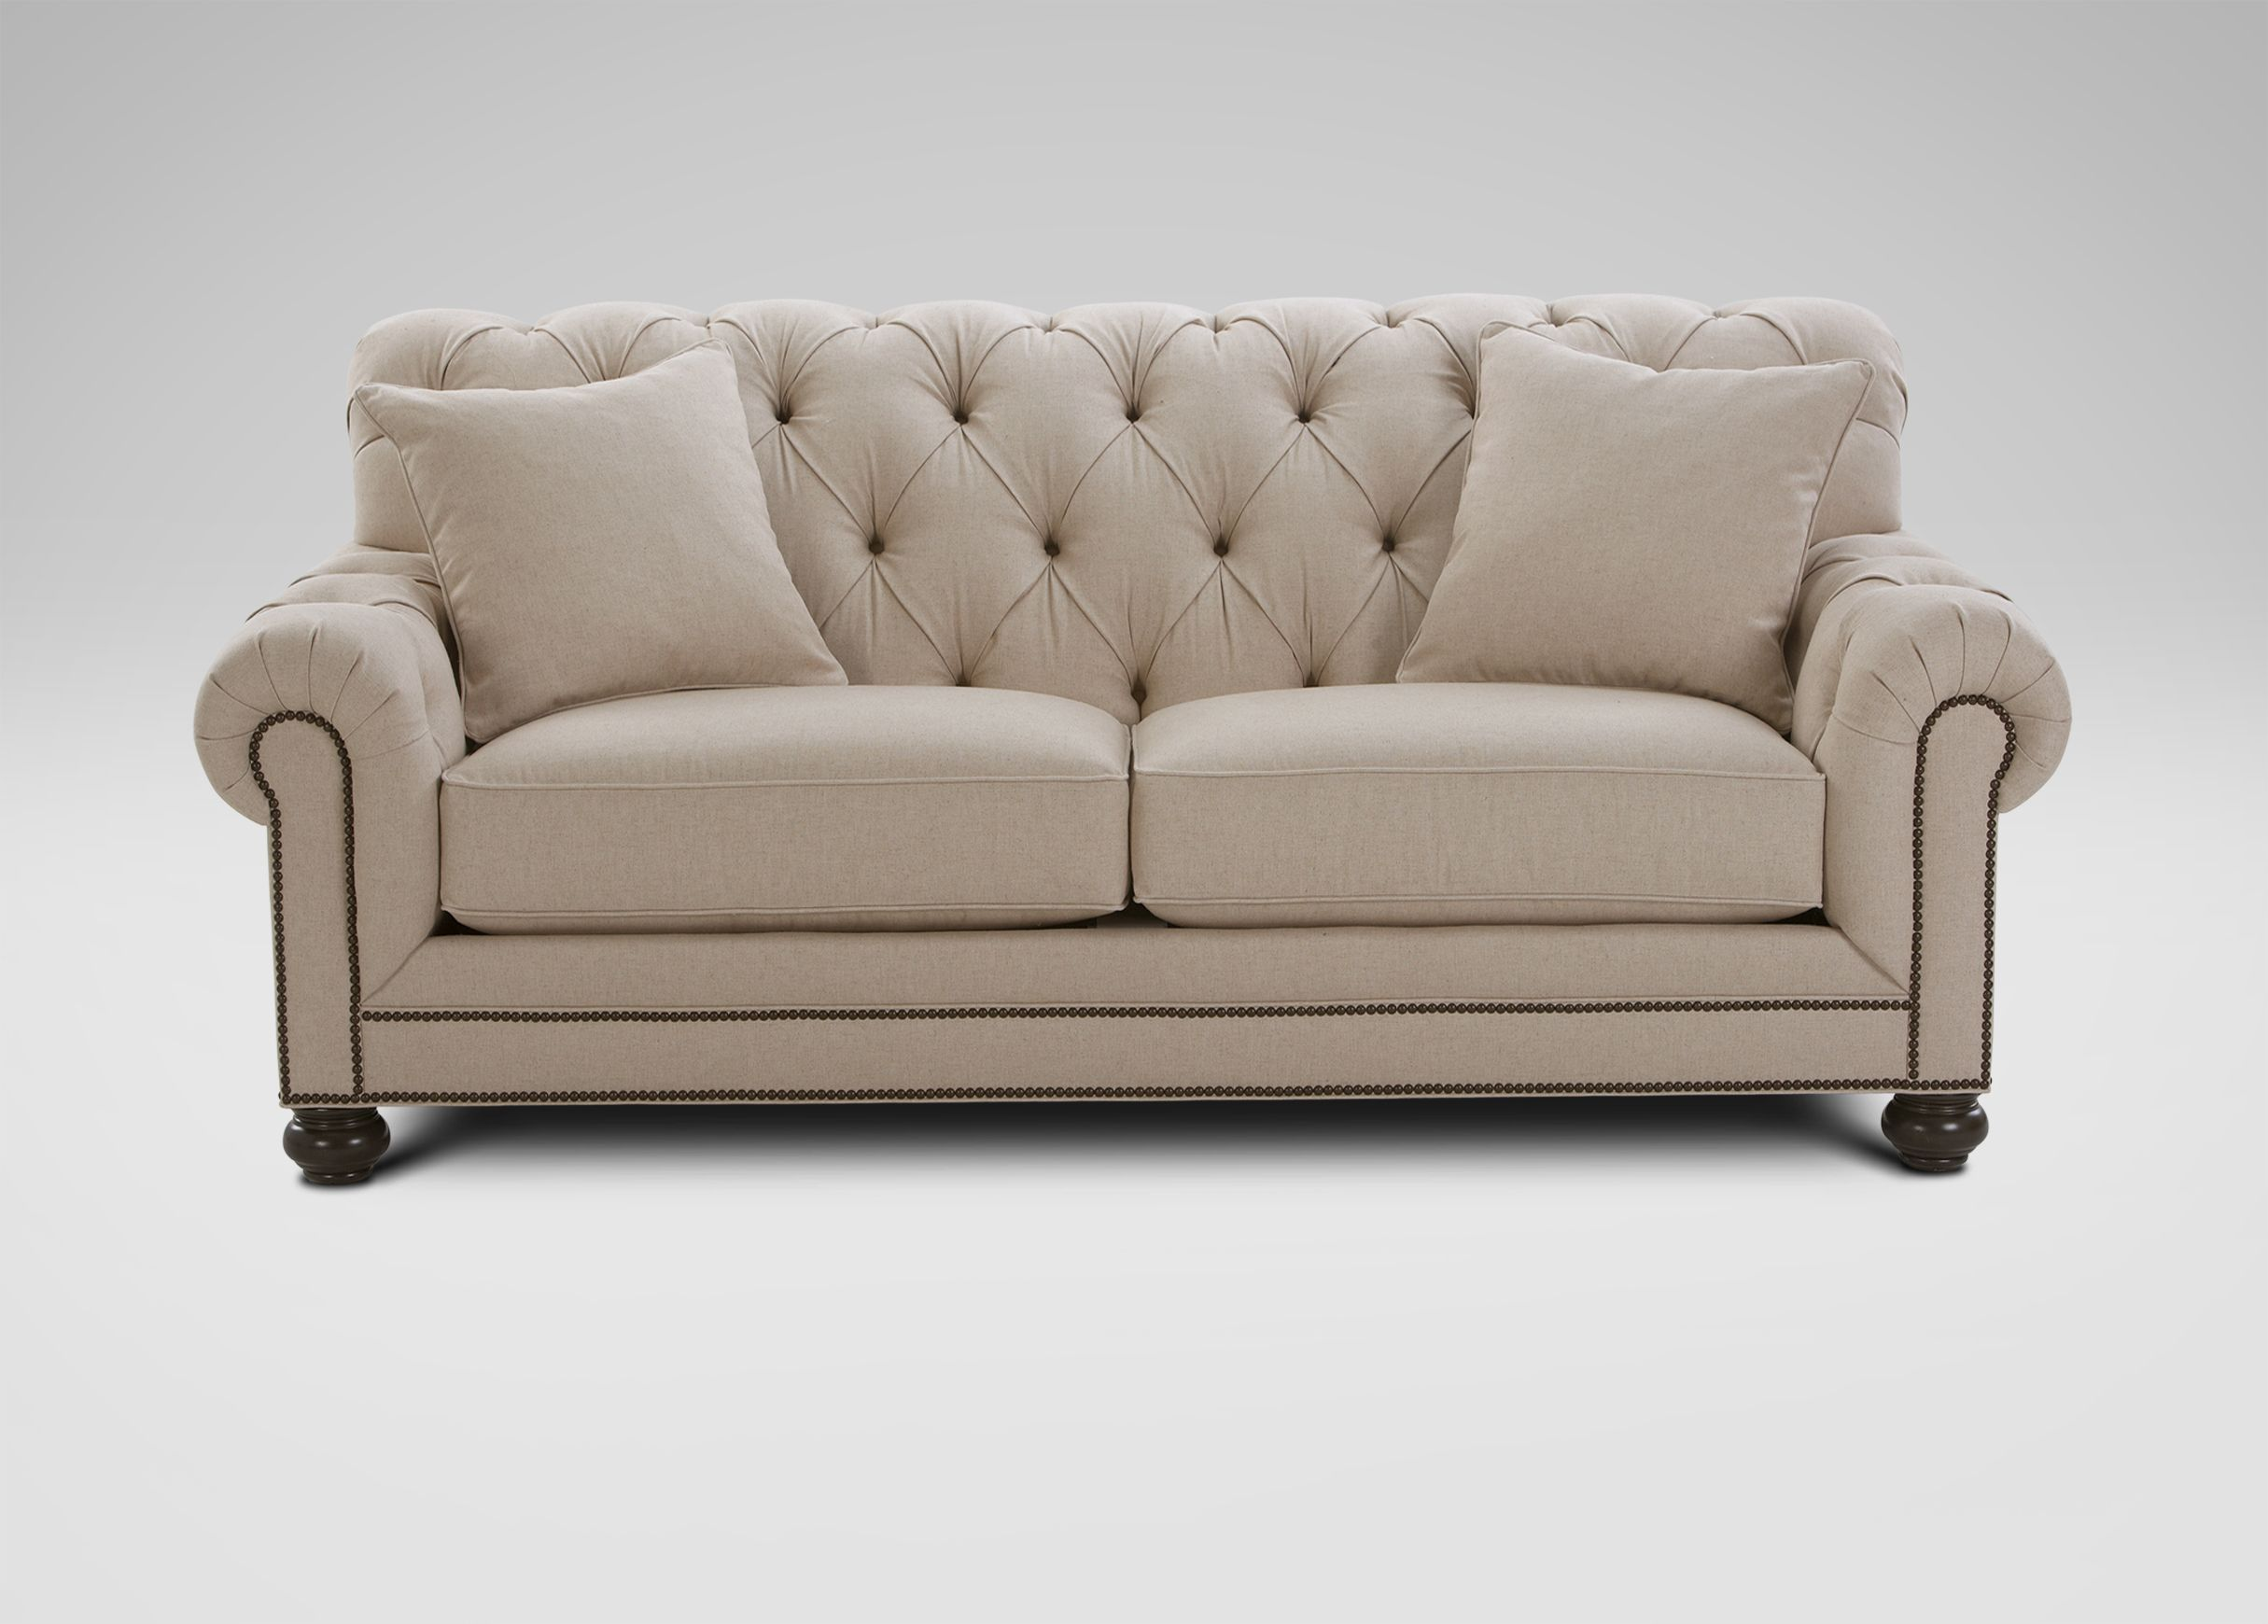 Ethan Allen Chadwick Sofa, Caron/Linen